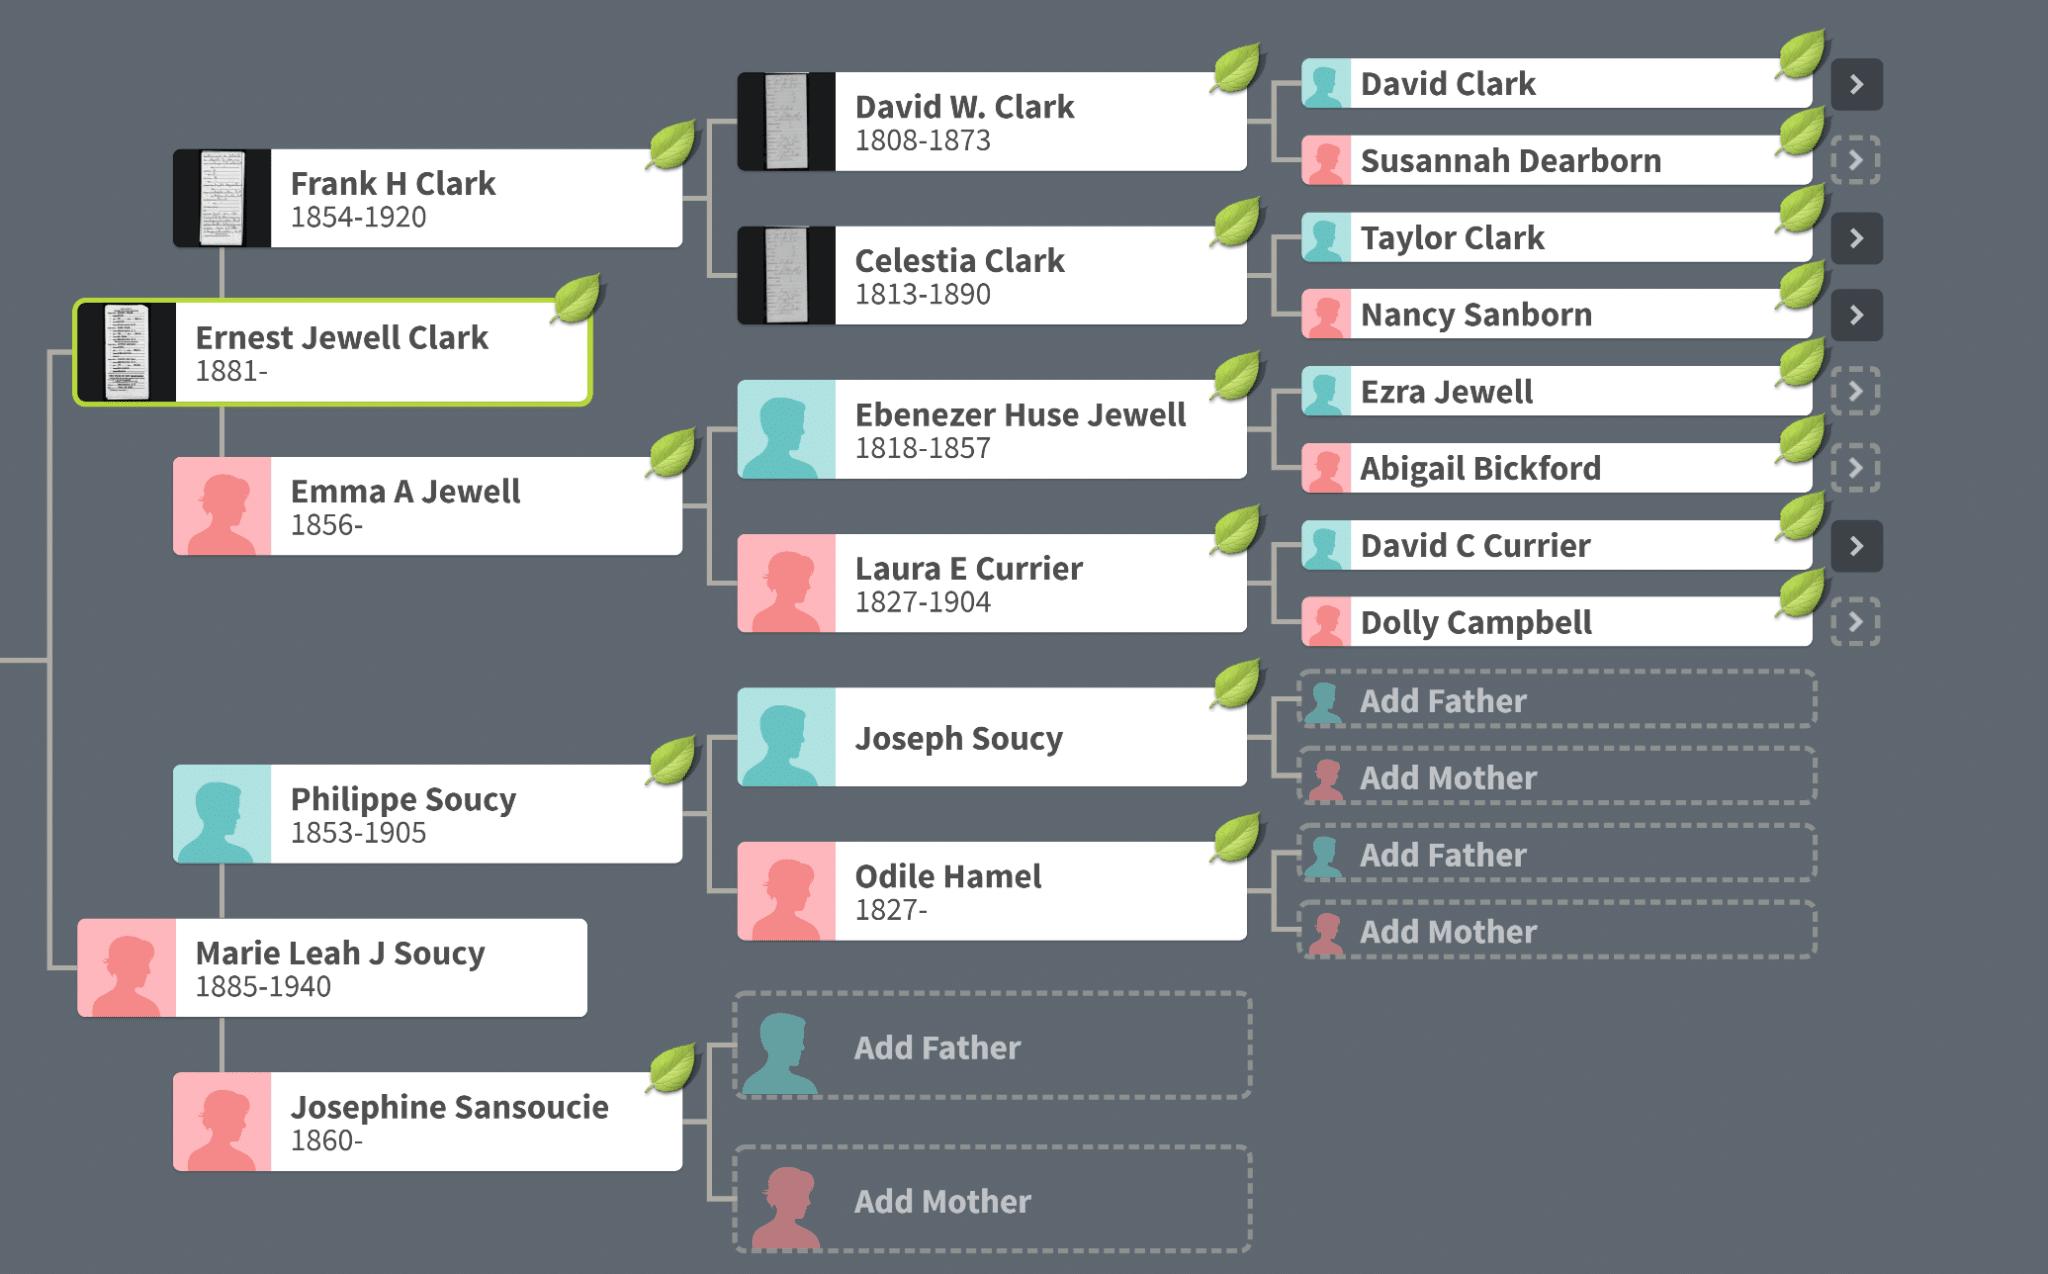 Ancestry.com family tree